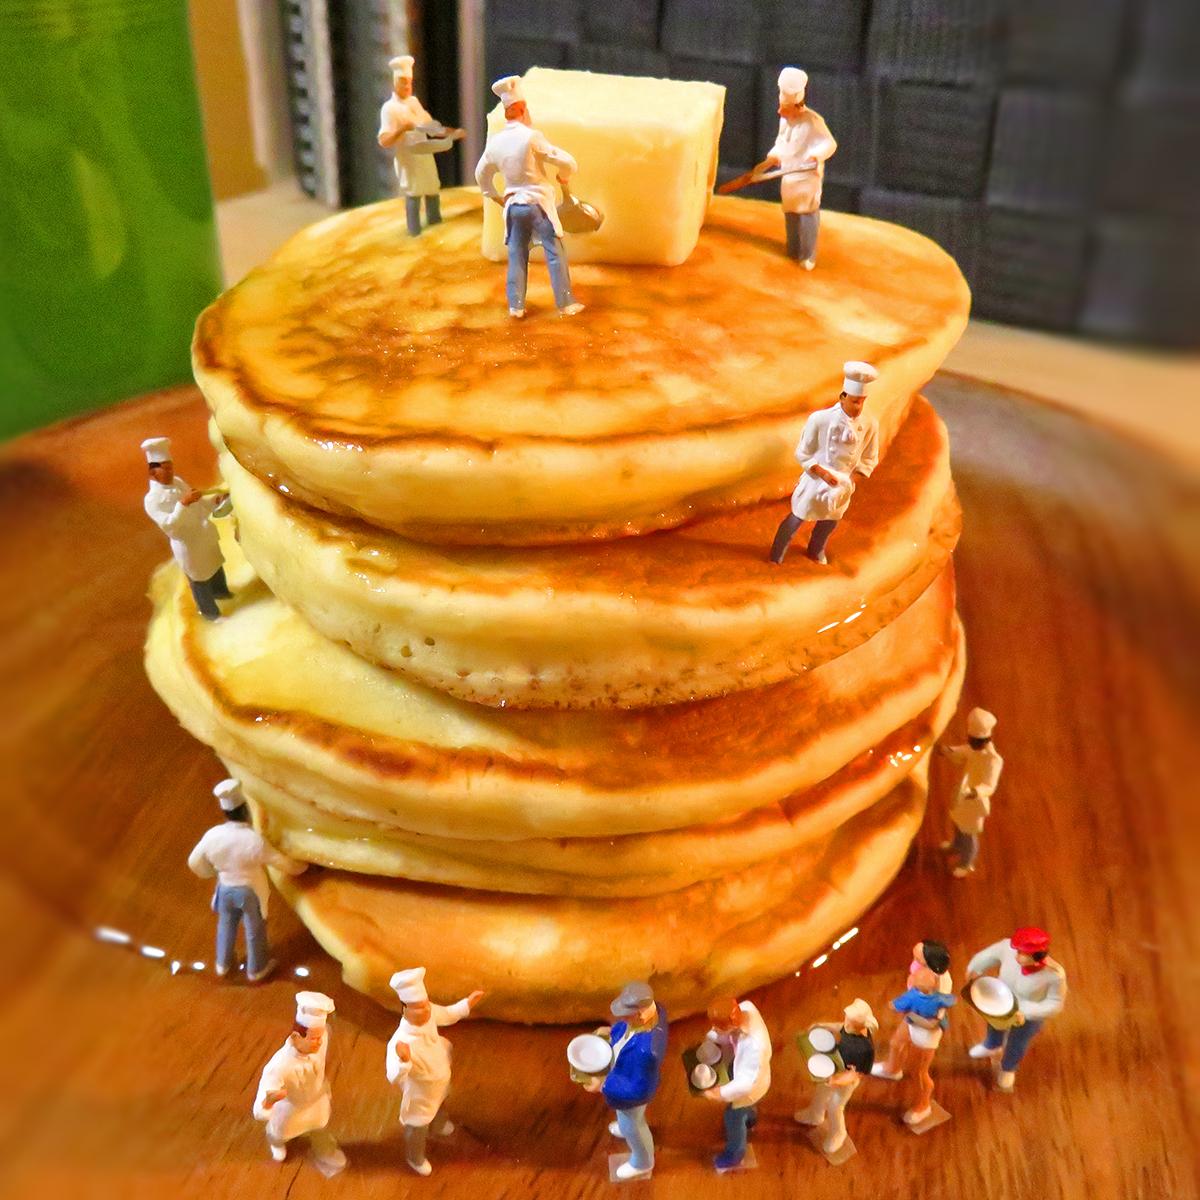 巨大パンケーキを作る料理人と食べたくて行列になる人達